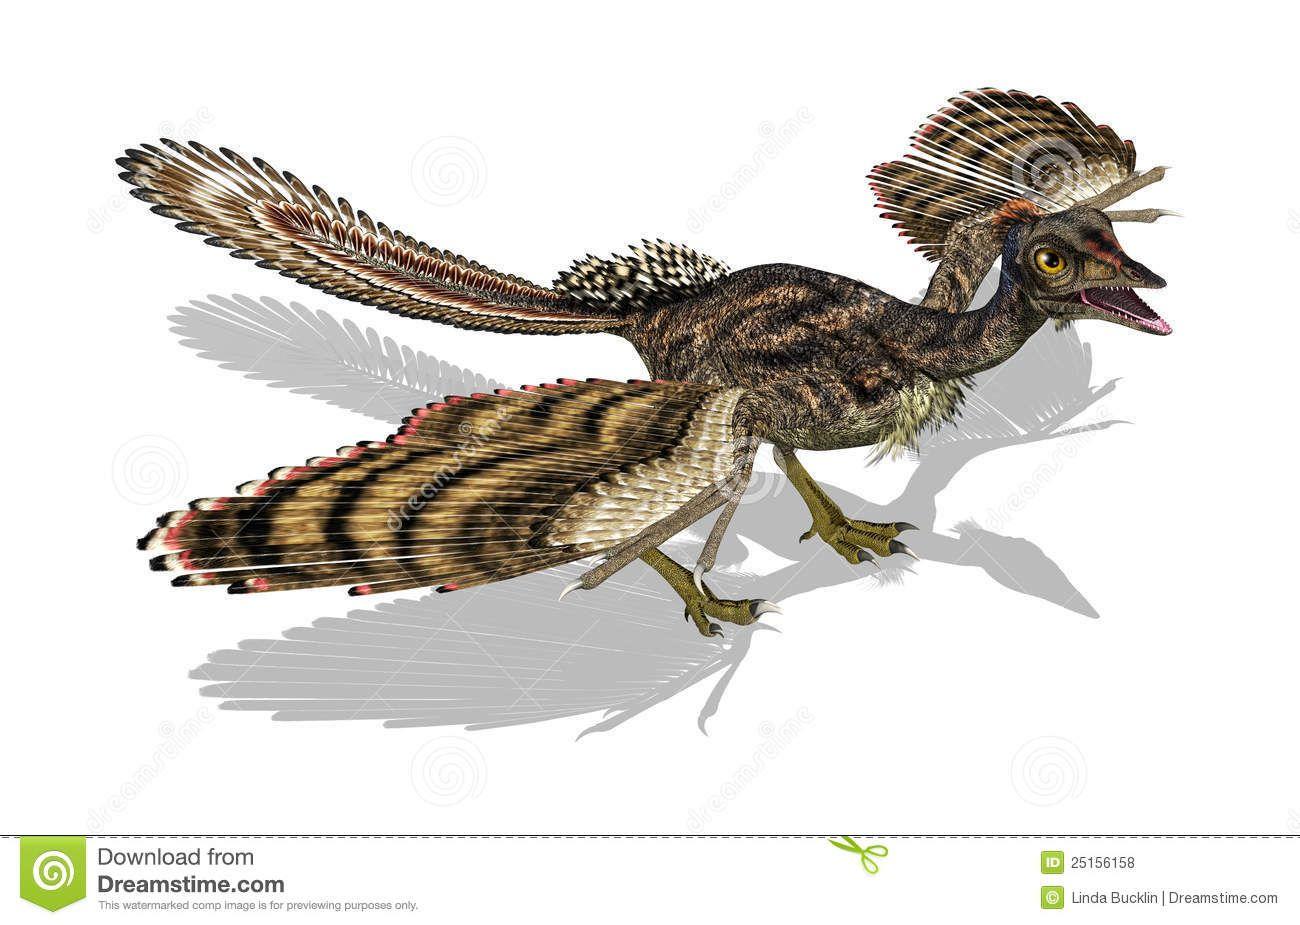 archaeopteryx - Google-Suche